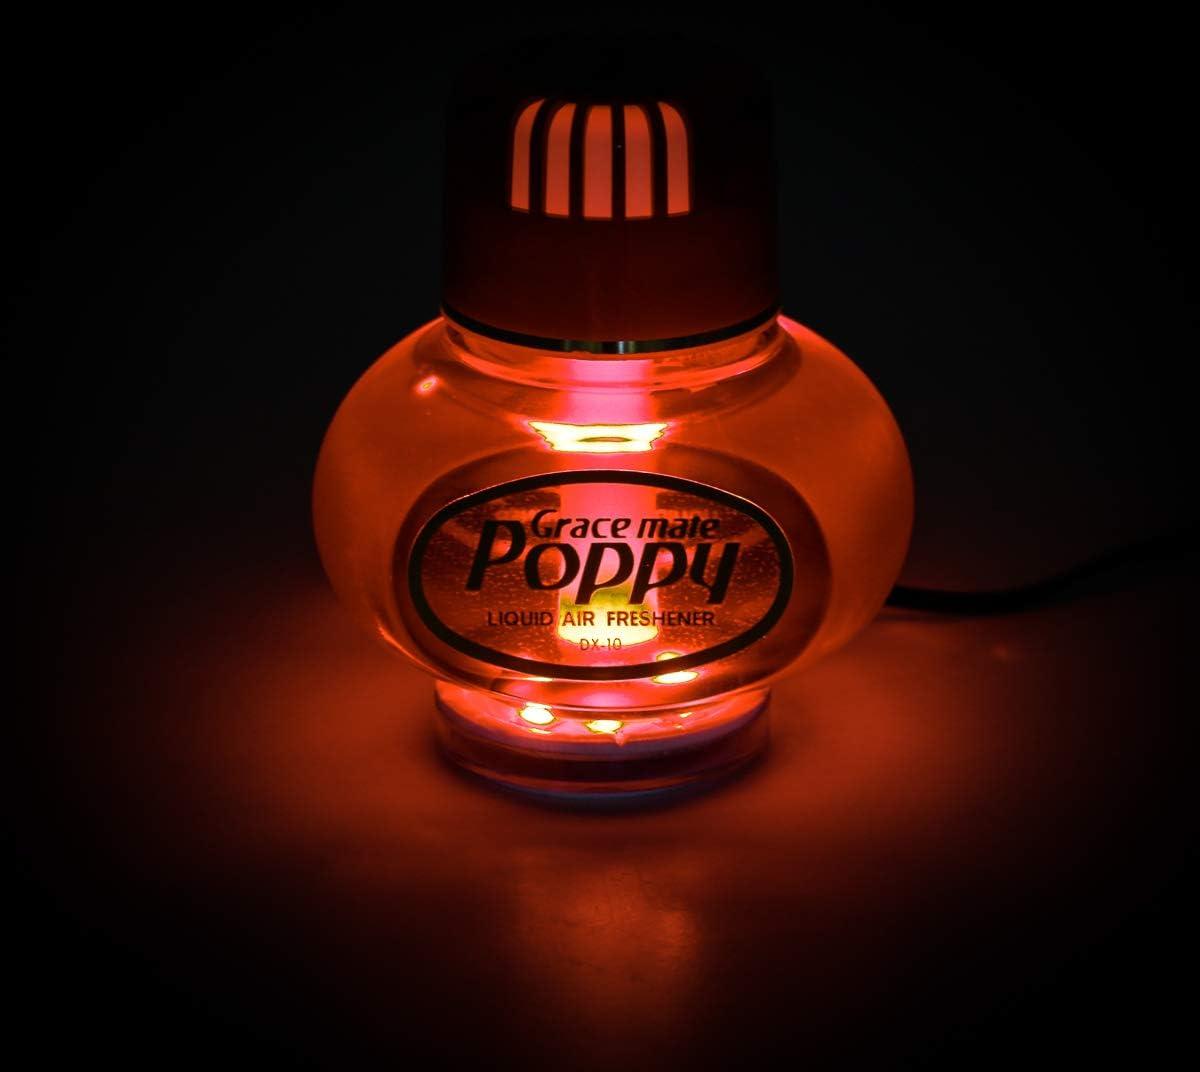 Lufterfrischer Original Poppy Mit Roter Led Beleuchtung Duft Inhalt 150 Ml 24 Volt Anschluss Für Lkw Duft Vanille Auto